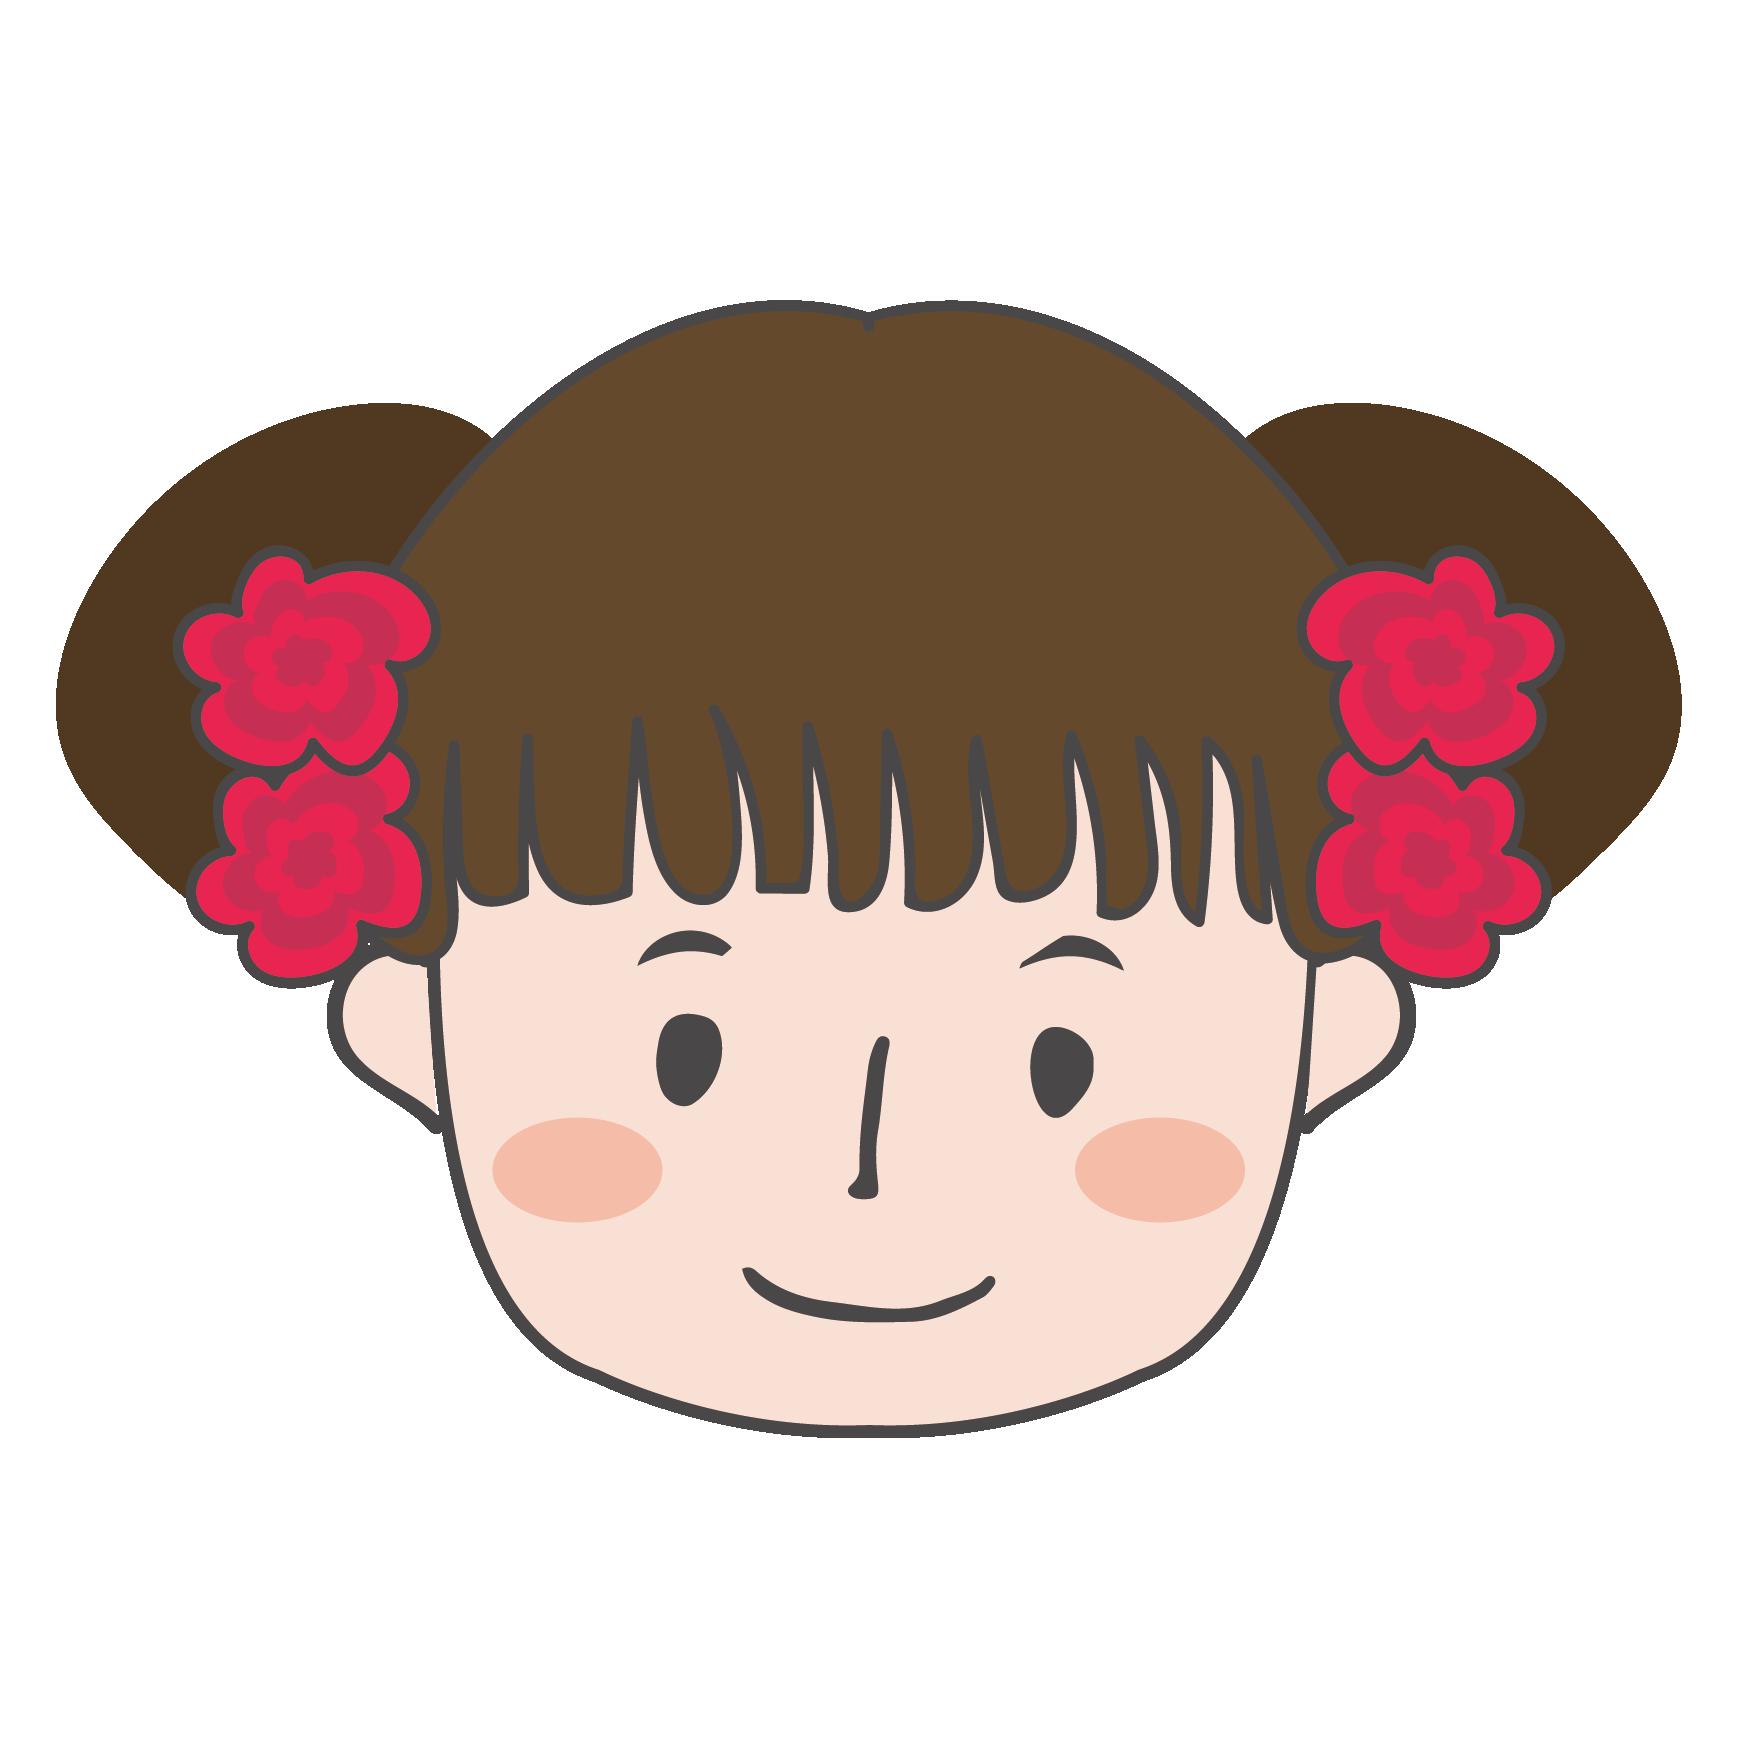 おダンゴヘアーのかわいい女の子 イラスト顔のアップ 商用フリー